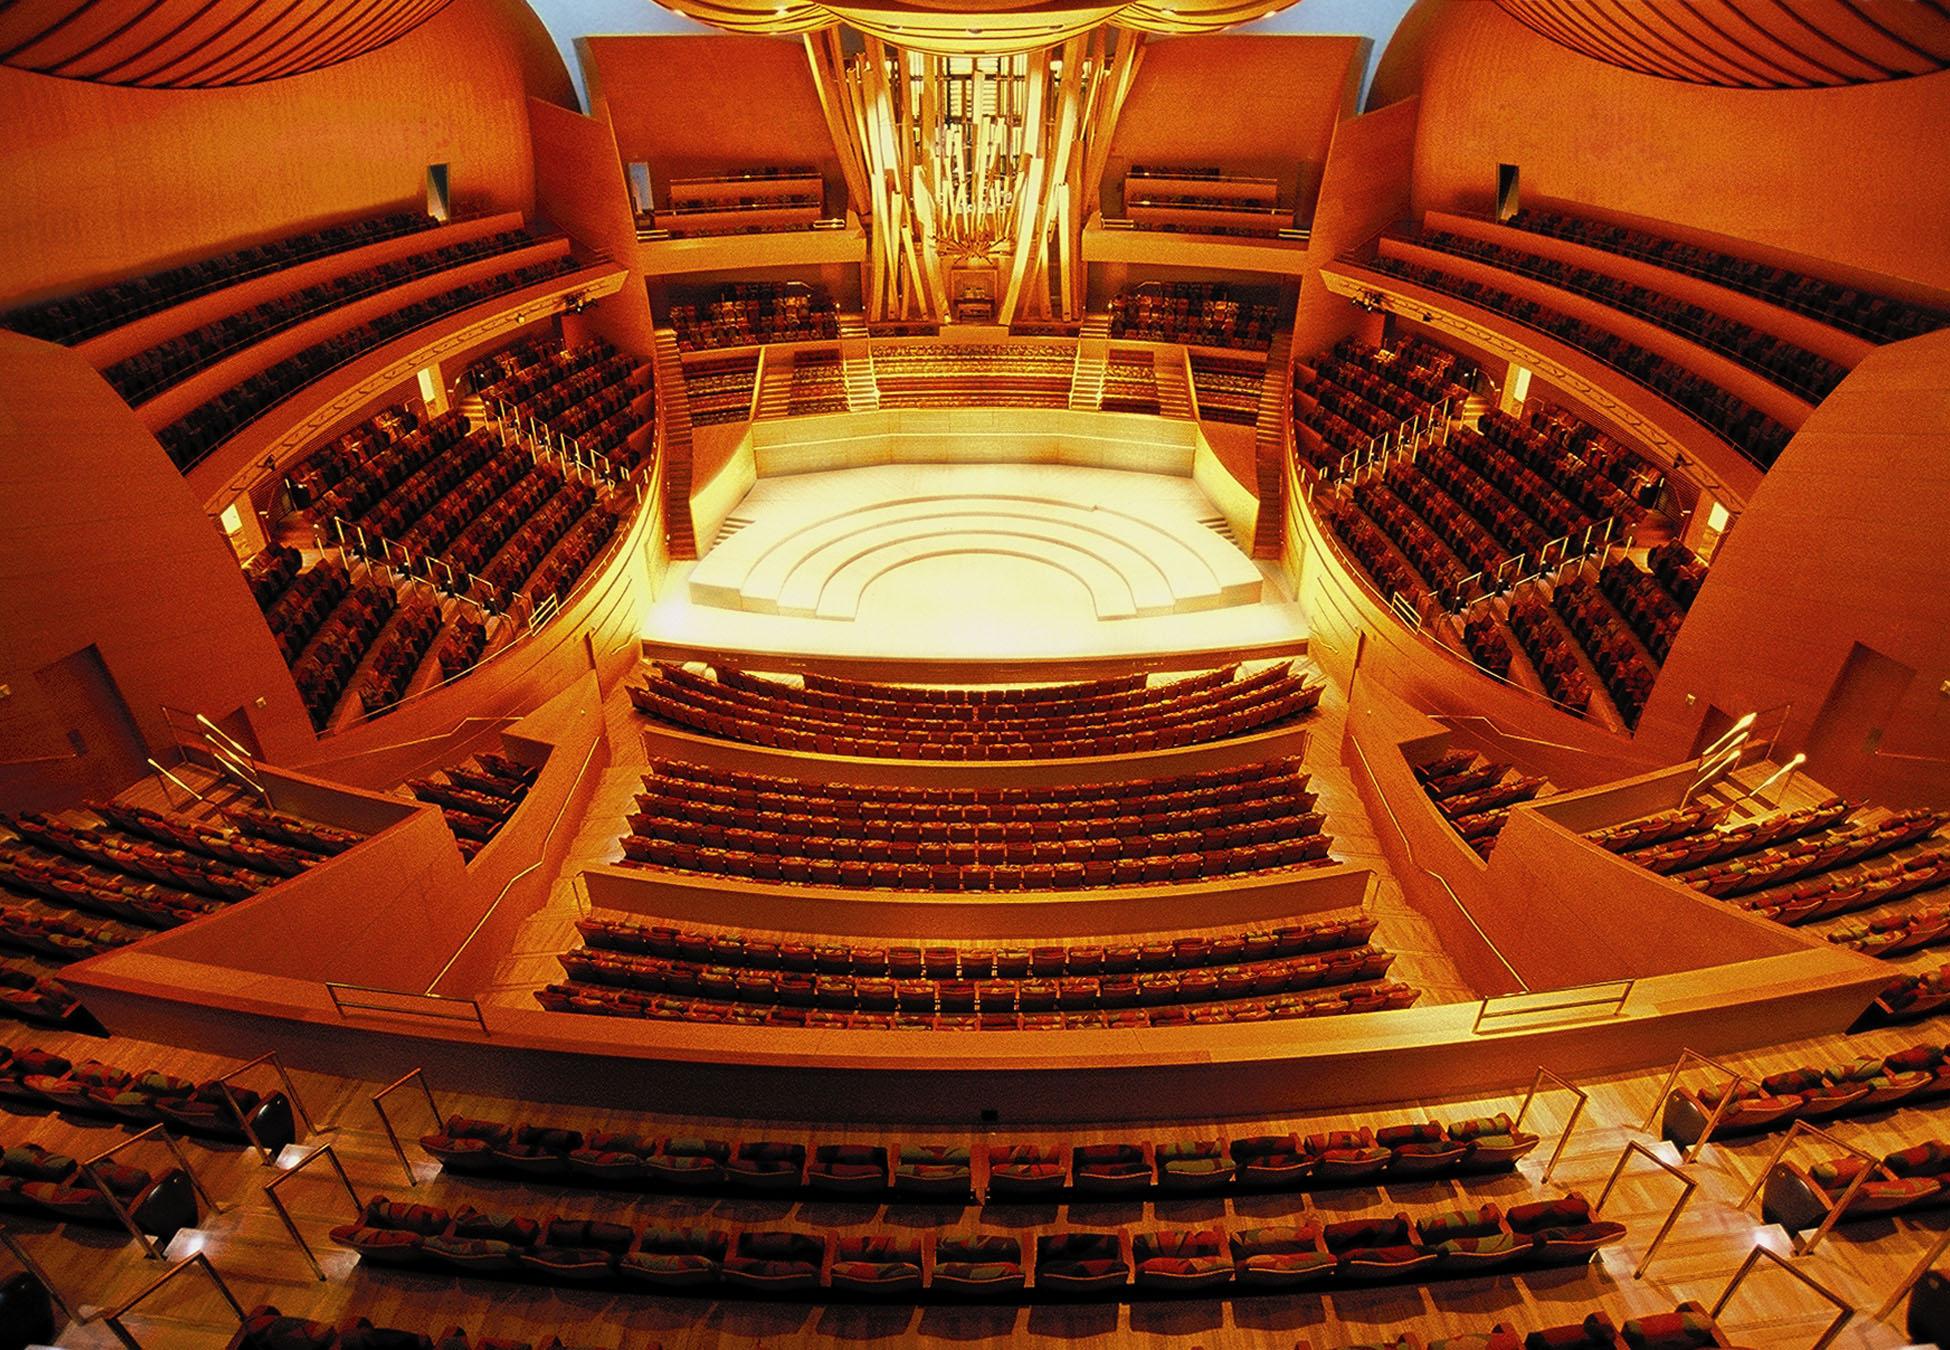 Концертный зал Уолта Диснея фото 2